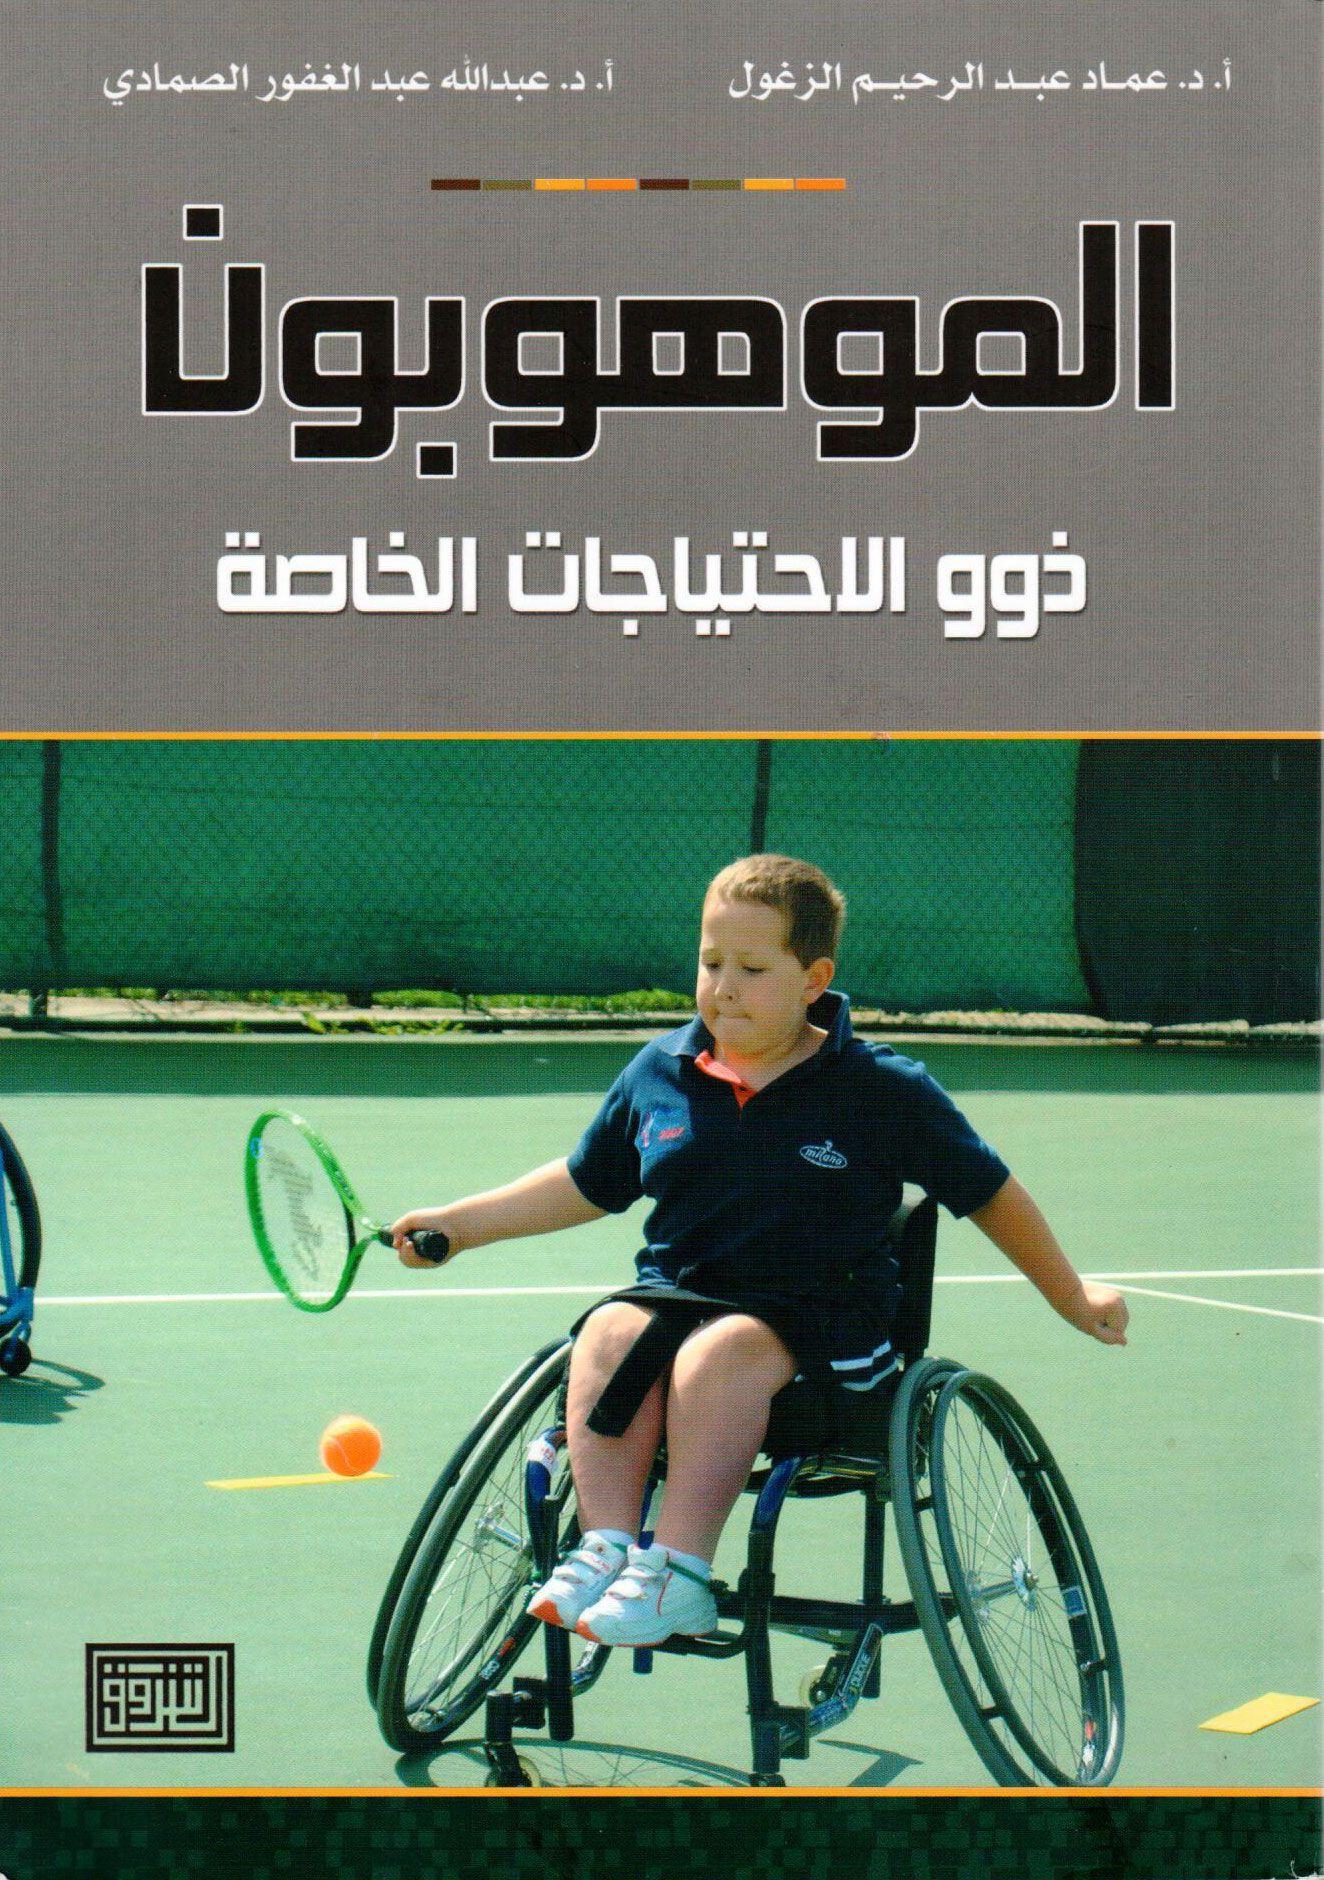 سيكولوجية ذوي الاحتياجات الخاصة